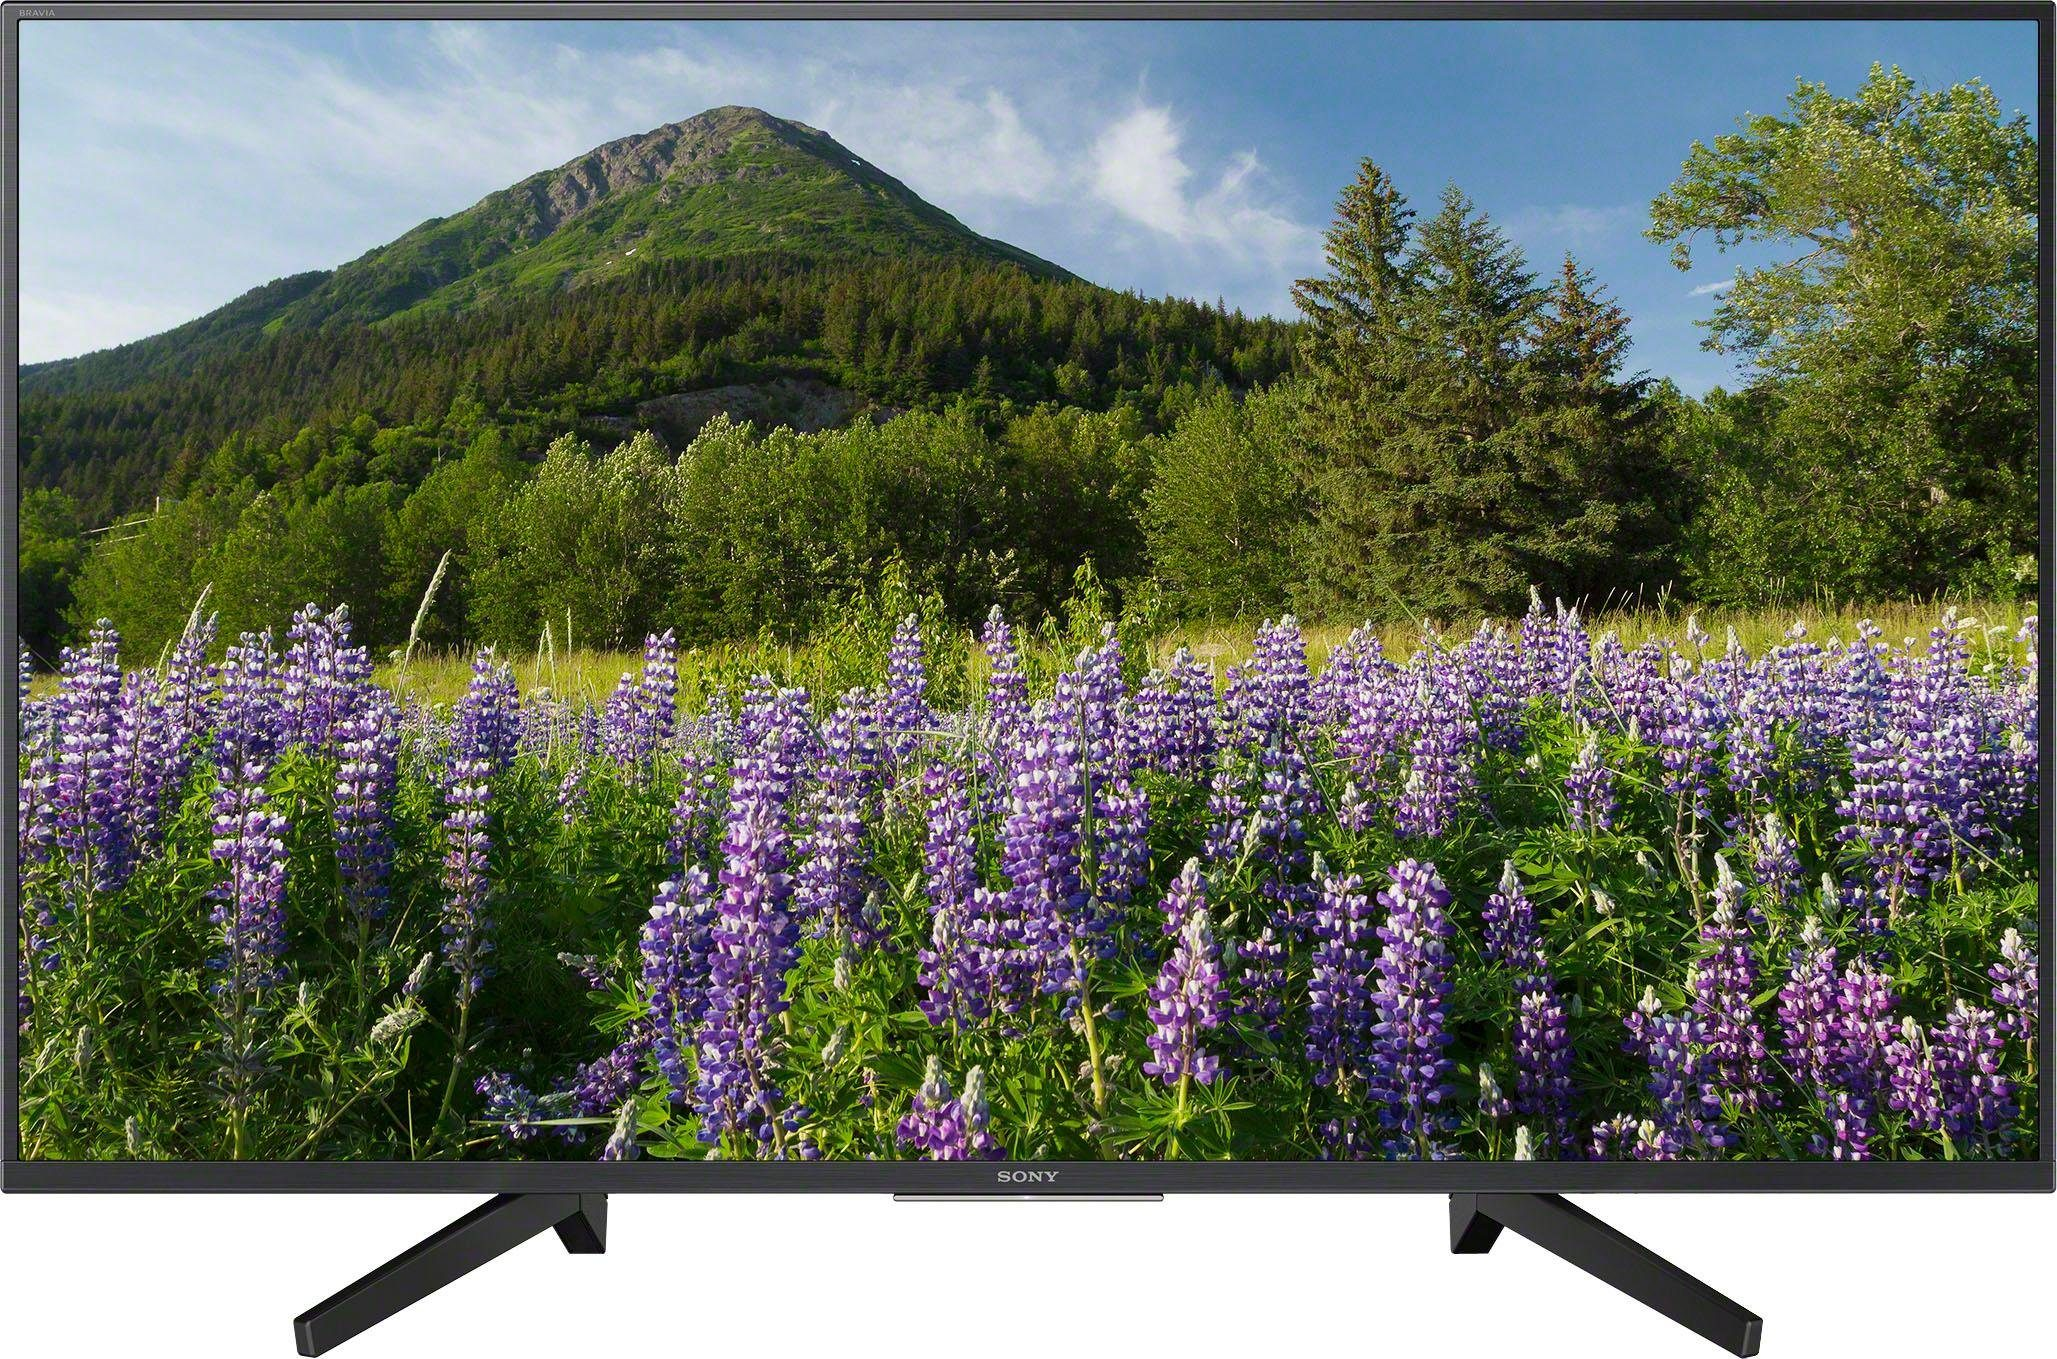 Sony KD43XF7005 LED-Fernseher (43 Zoll, 4K Ultra HD, Smart-TV)